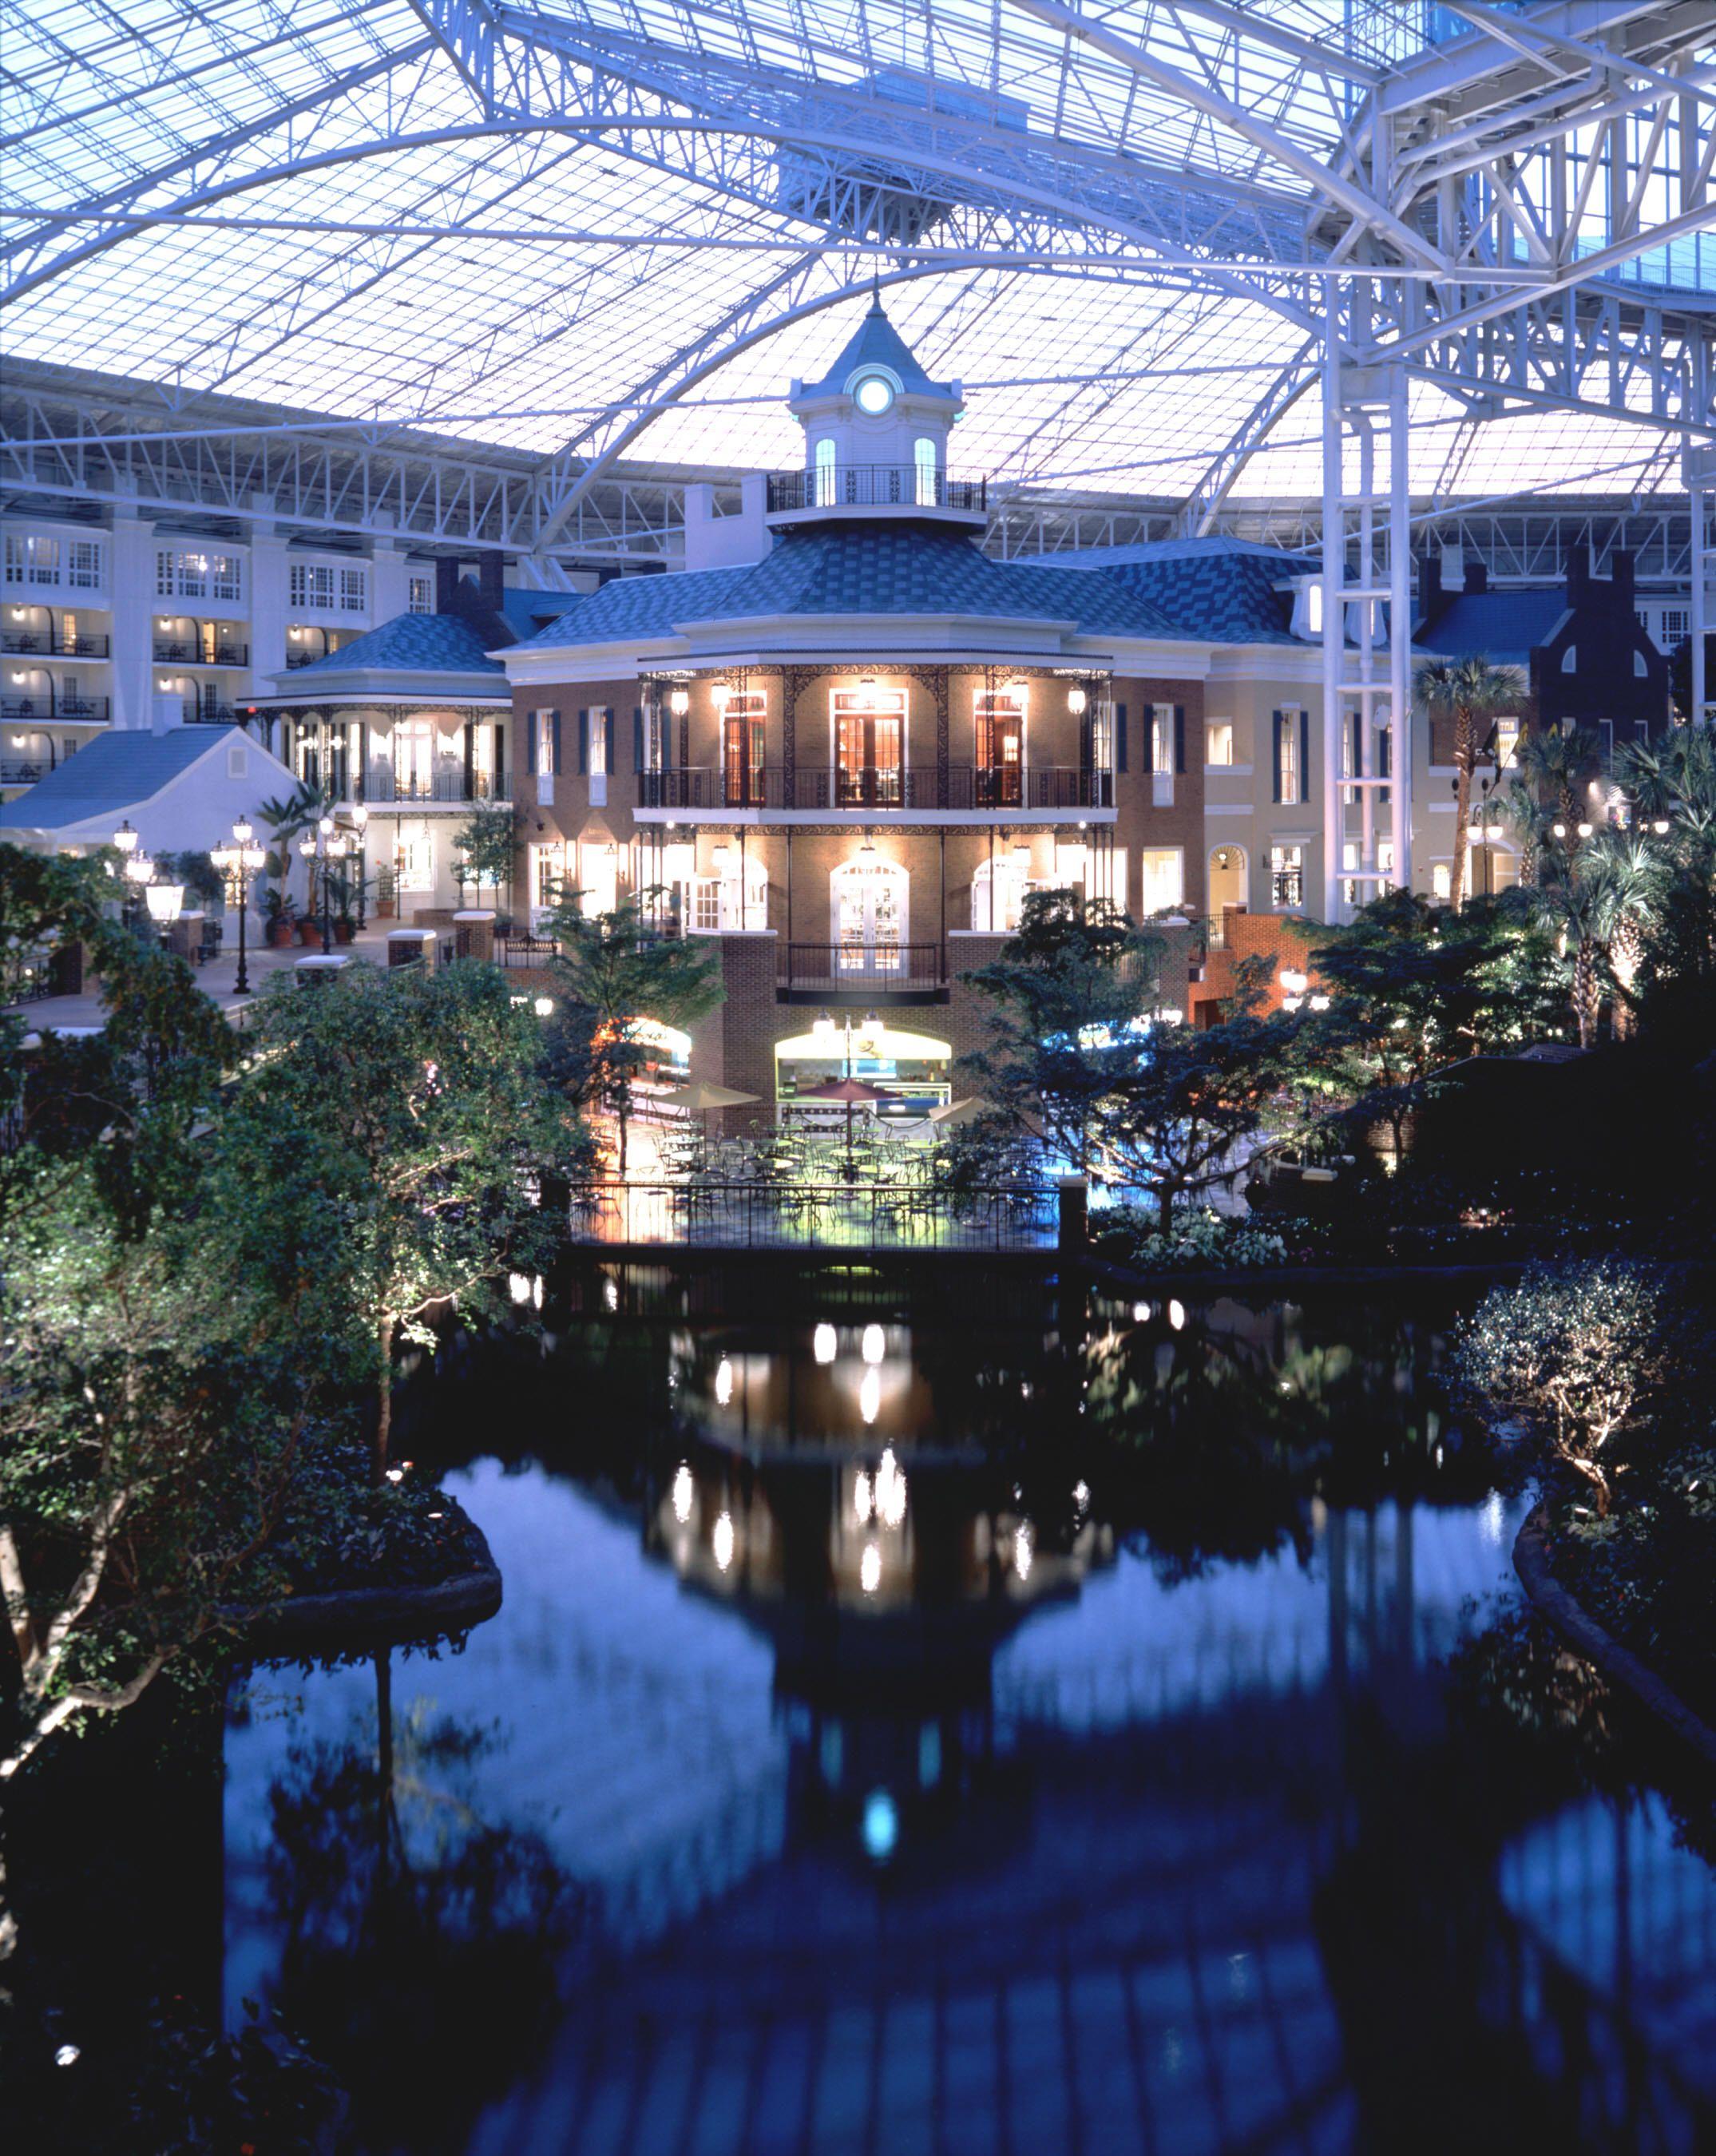 Nashville Opryland Hotel Another Unforgettable Evening